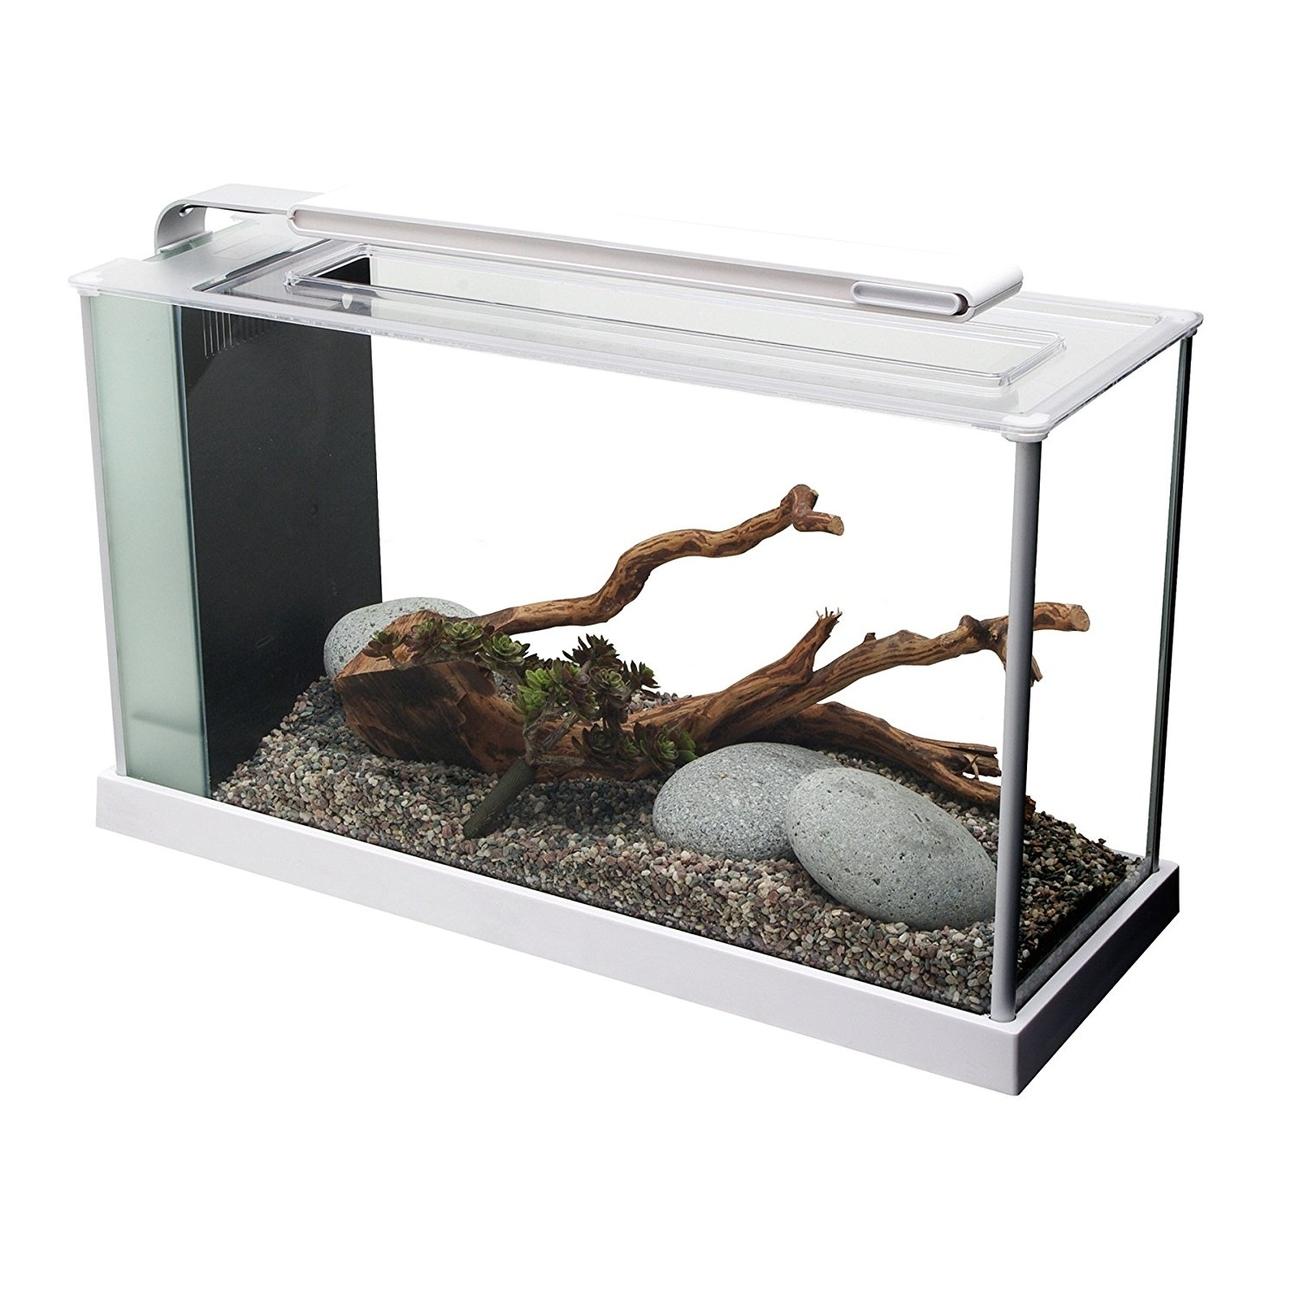 Fluval SPEC Süßwasser Aquarium Set Bild 7